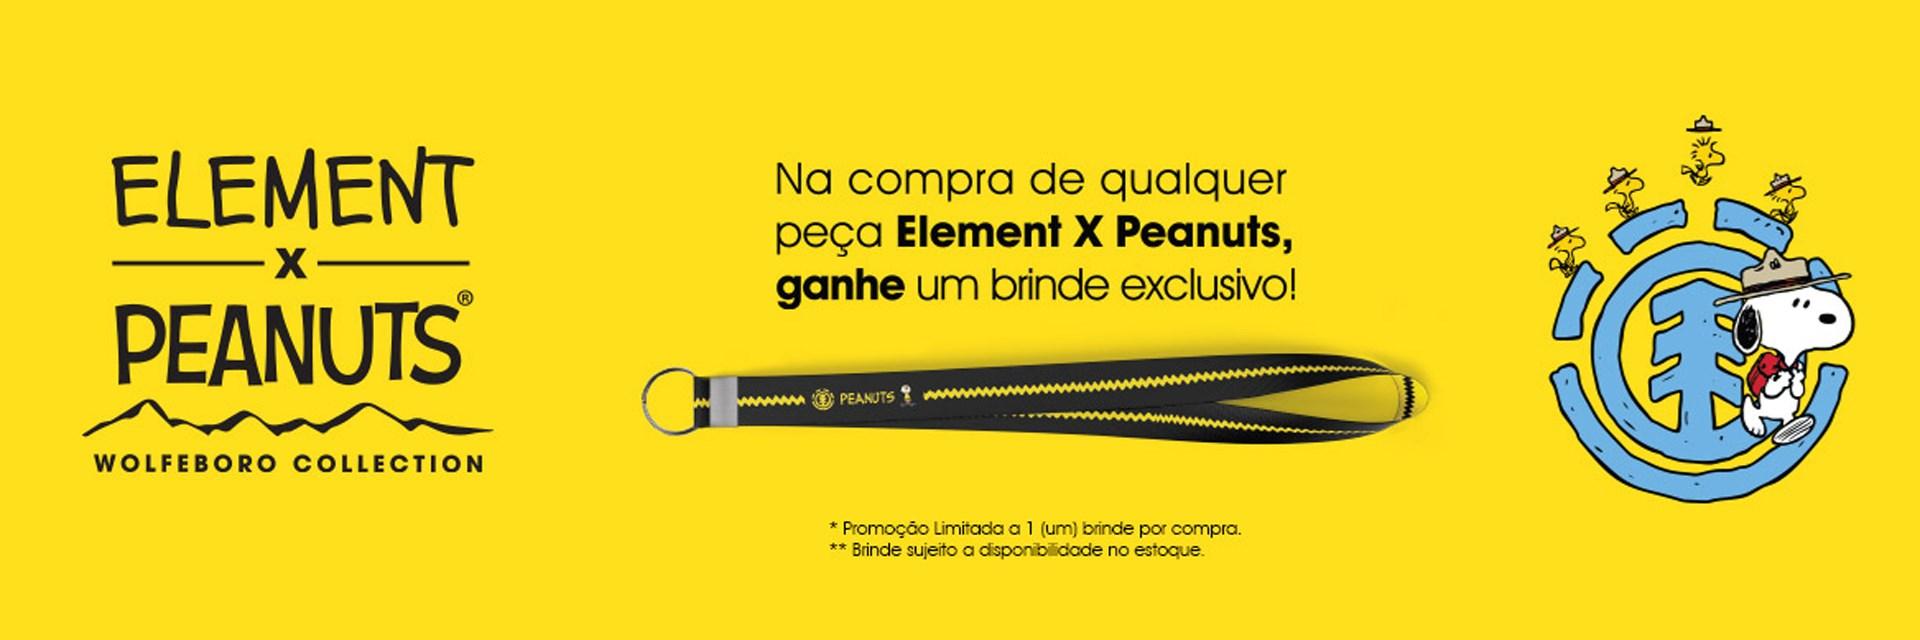 Compre um item da coleção Element X Peanuts e ganhe um cheiro